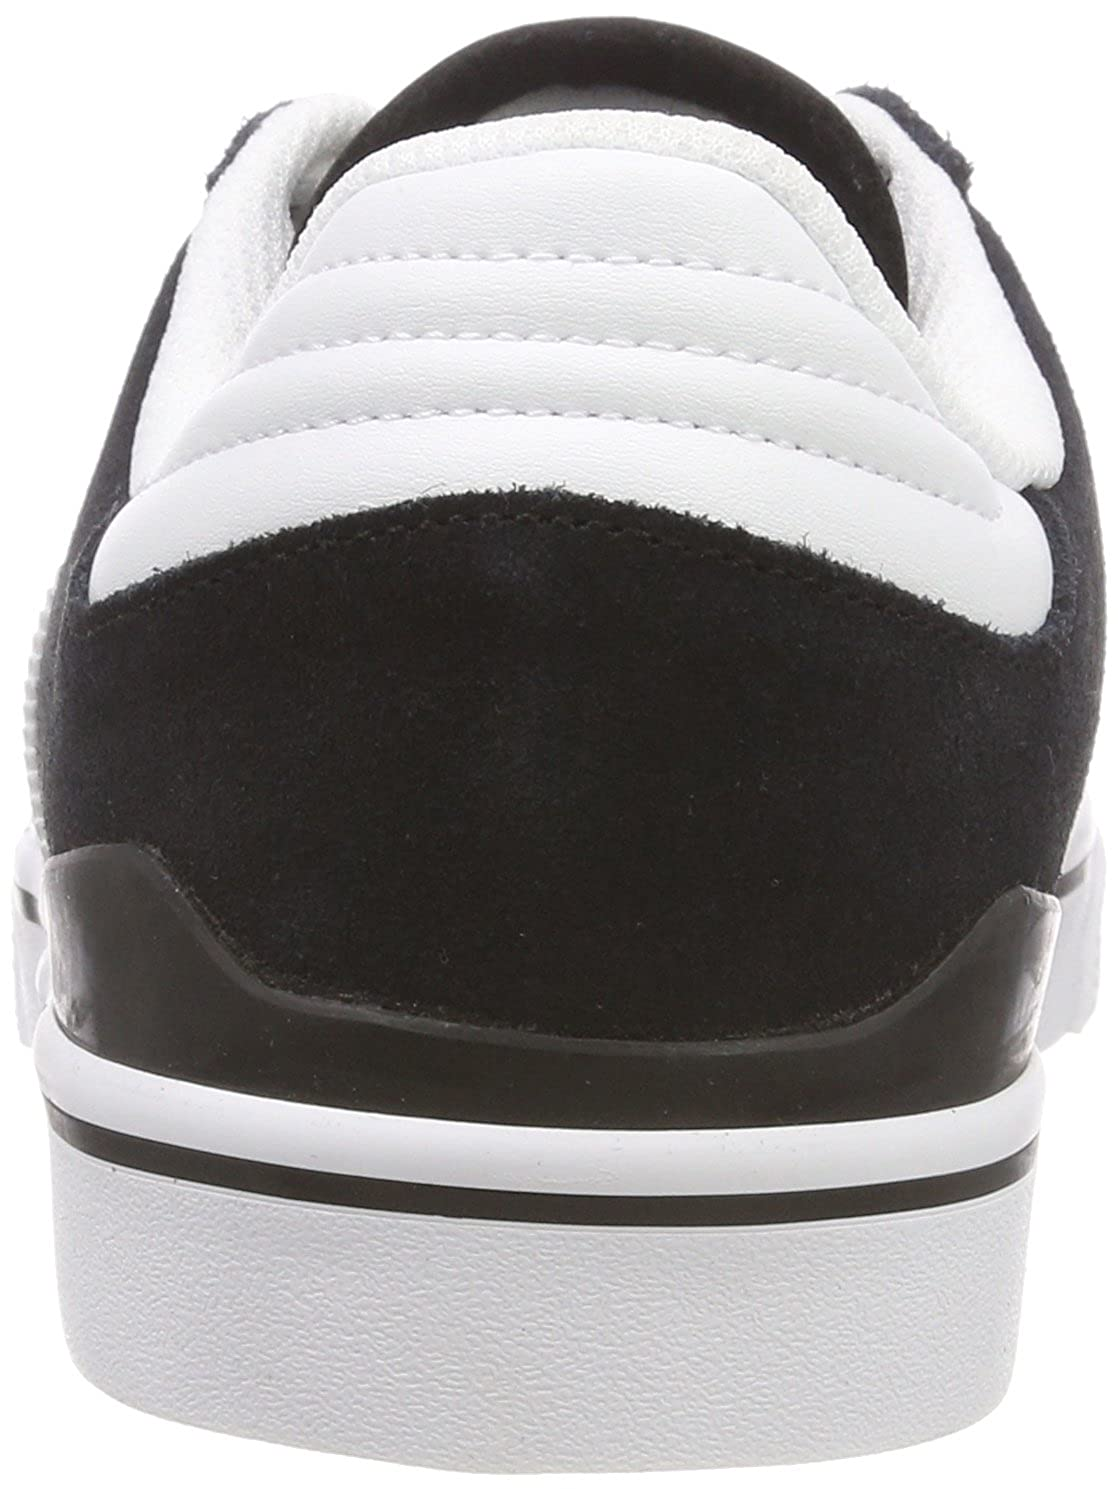 release date 0a75e 95650 adidas Busenitz Vulc, Zapatillas de Skateboard para Hombre  Amazon.es   Zapatos y complementos